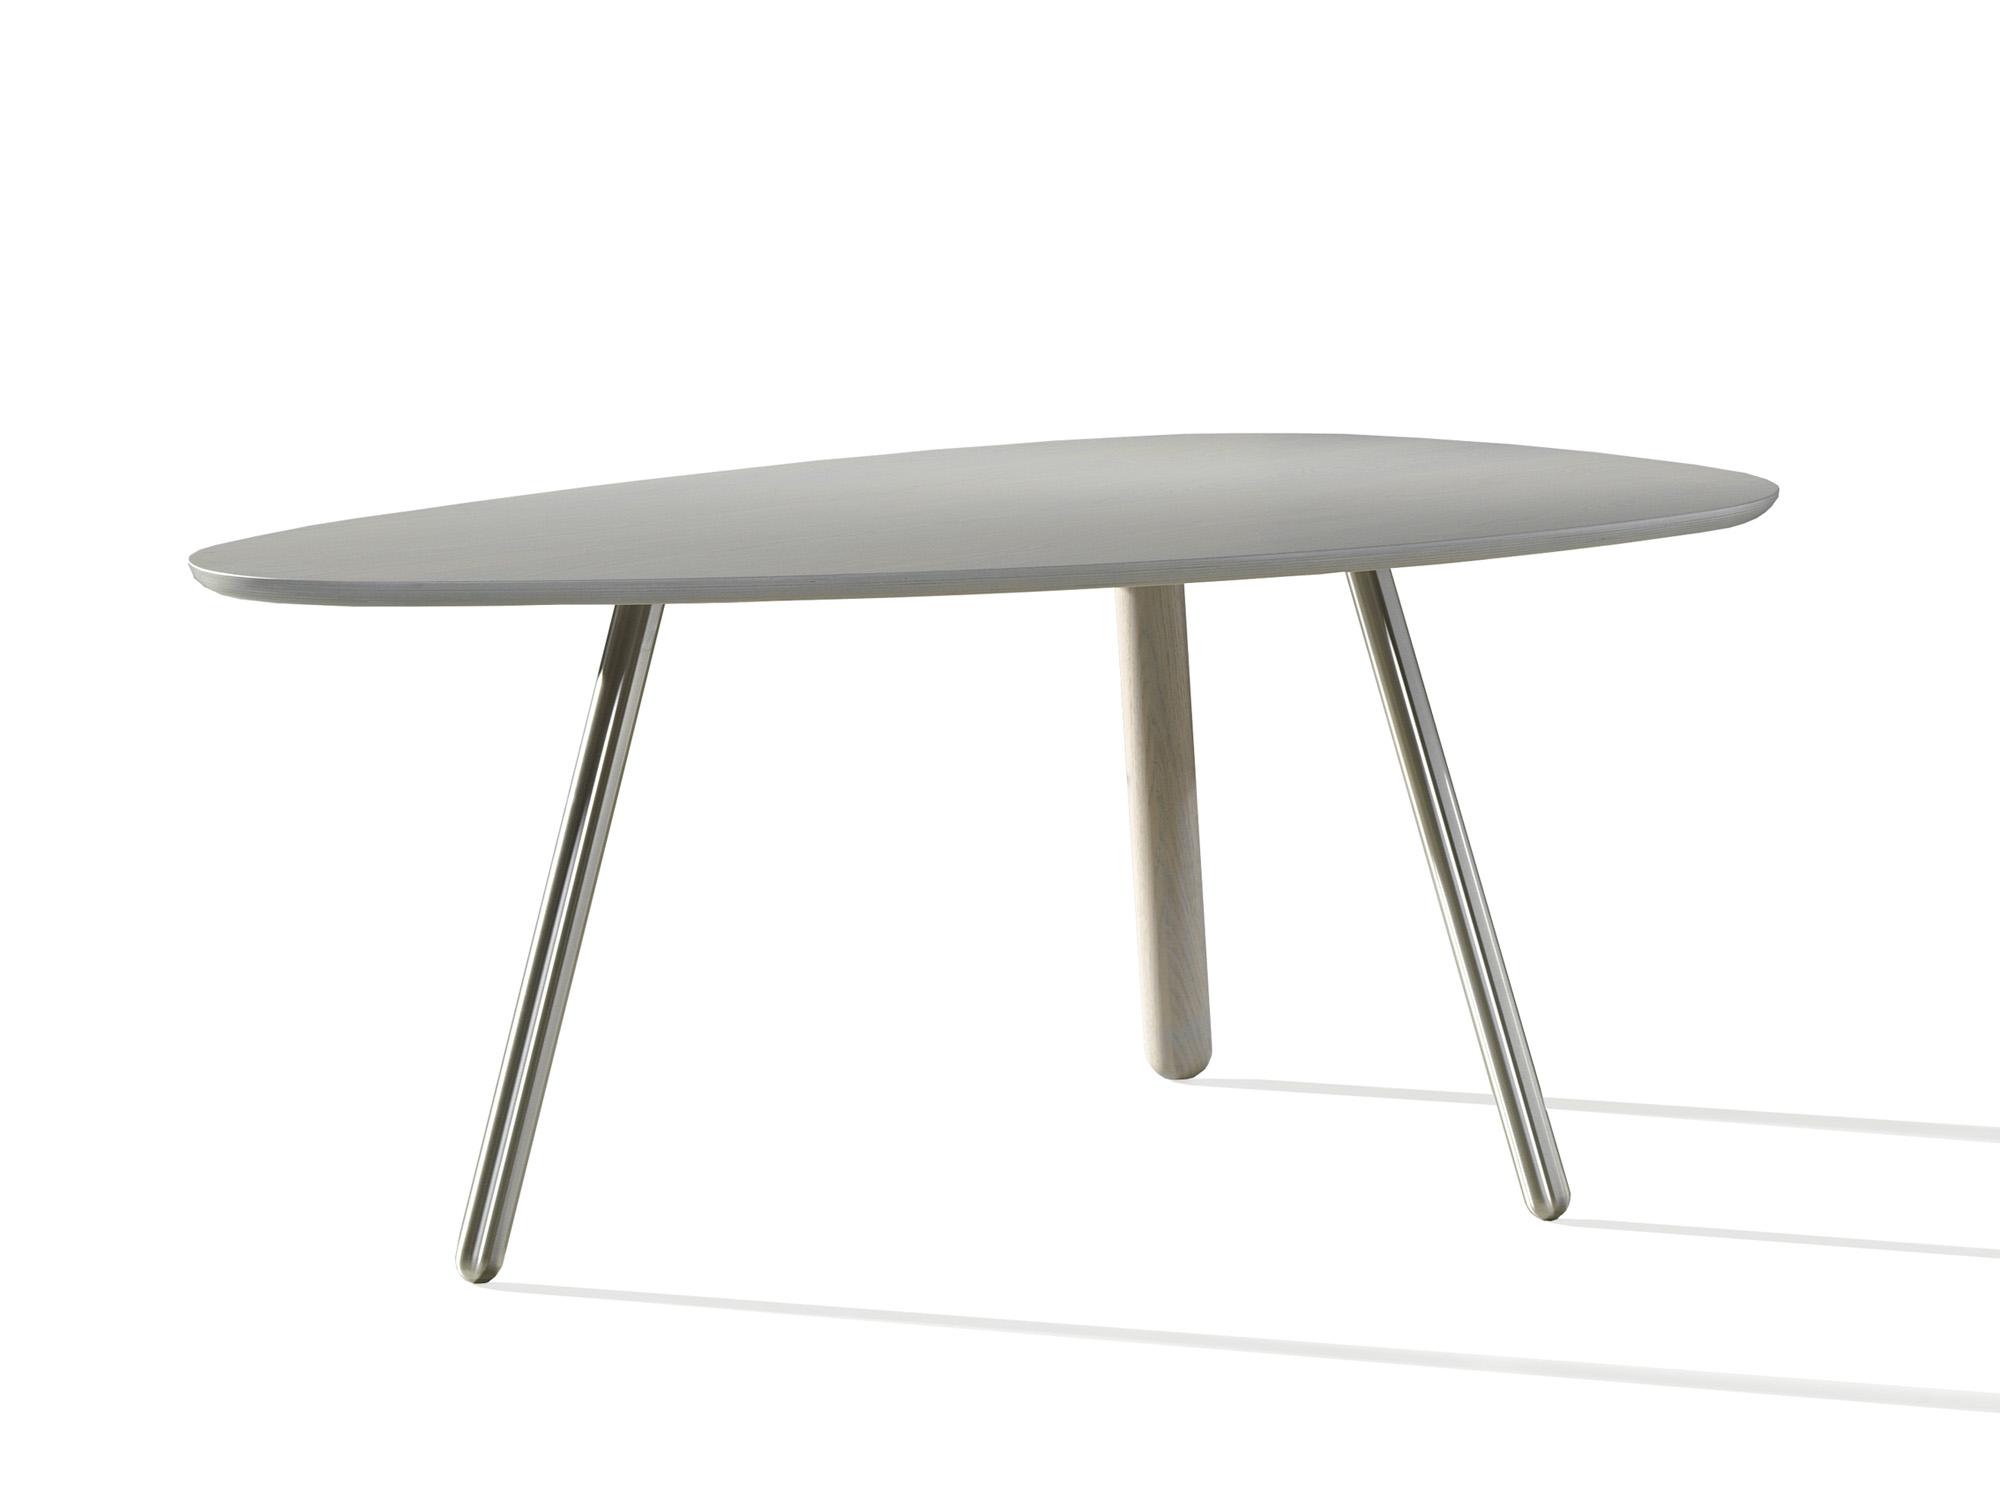 CIRCLIPS-2 tafel, ontwerp door Dick Spierenburg en Karel Boonzaaijer